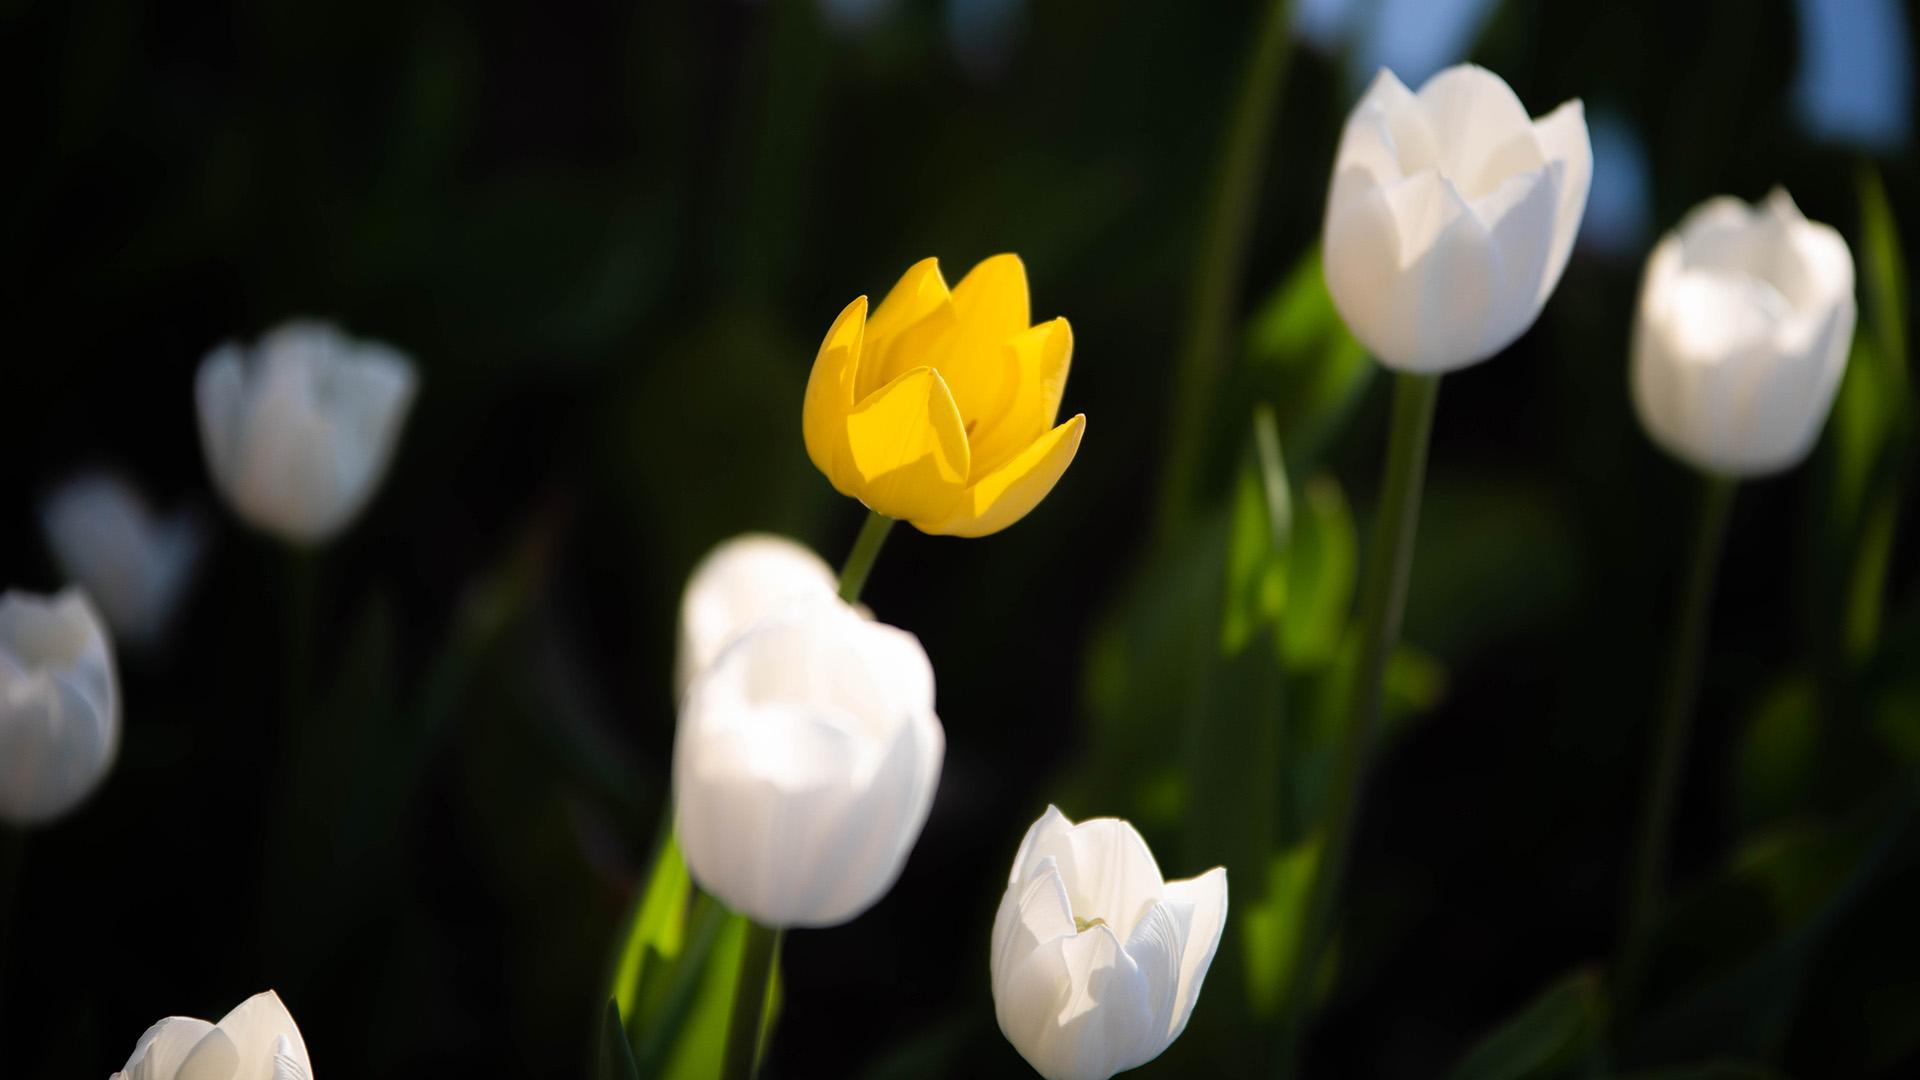 Las flores brotaron a mediados de julio y su ciclo de vidase extiende por ocho semanas